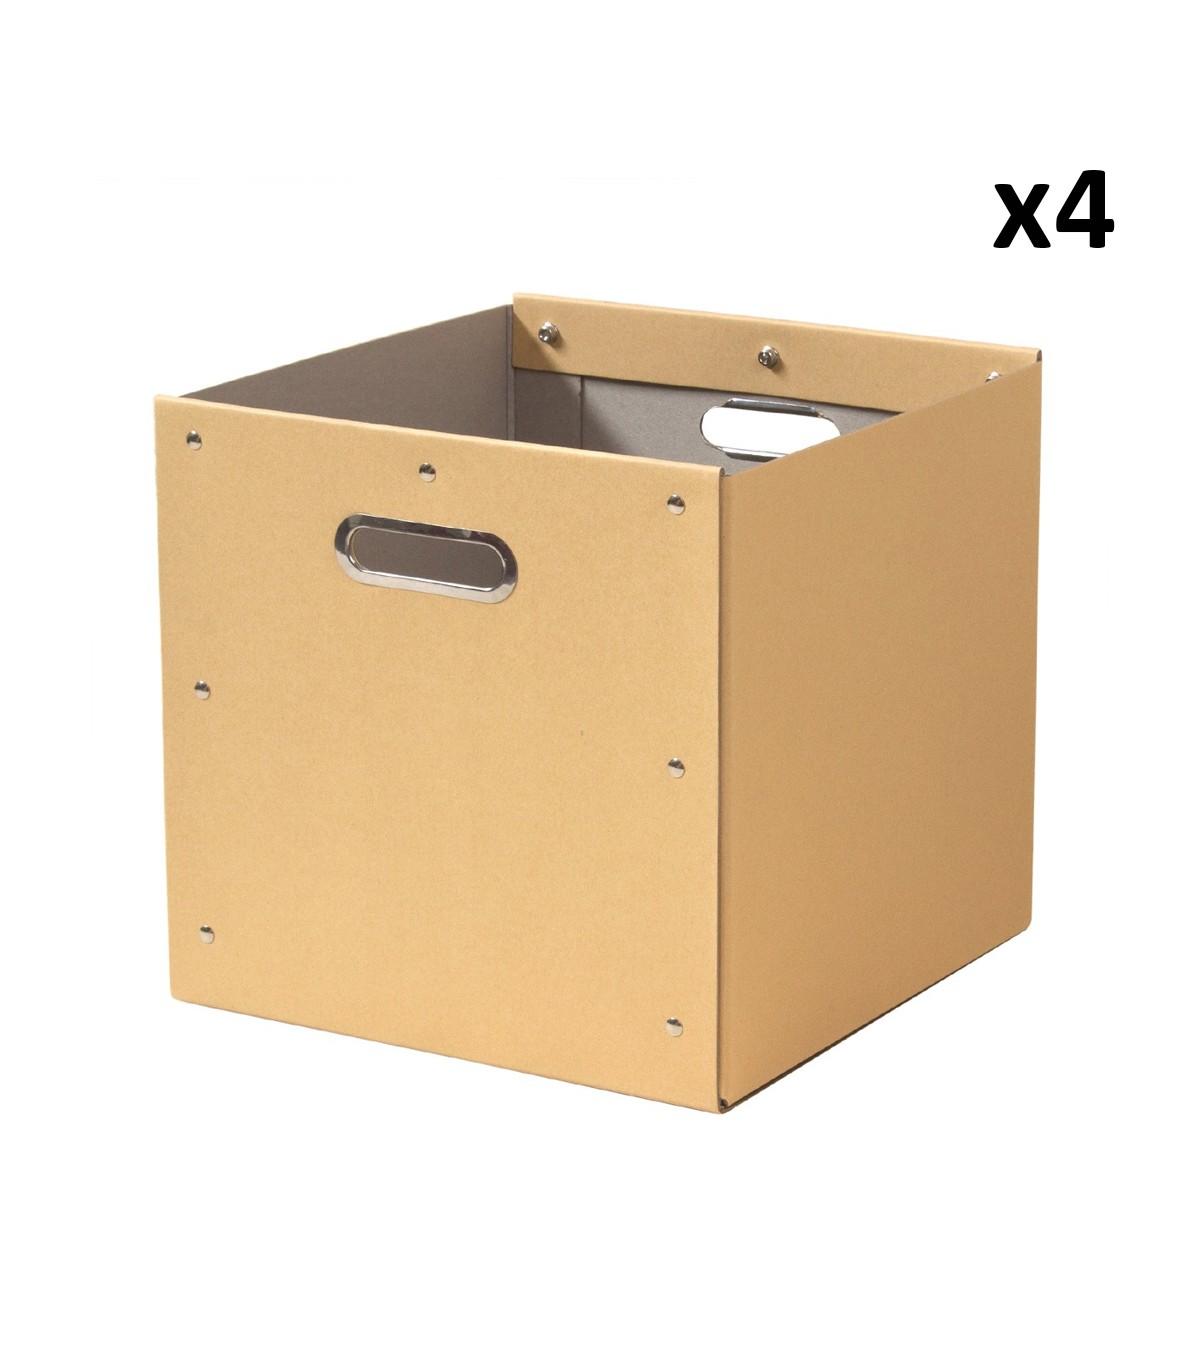 Lot de 4 cubes de rangement en kraft - 28x28x27cm - Beige